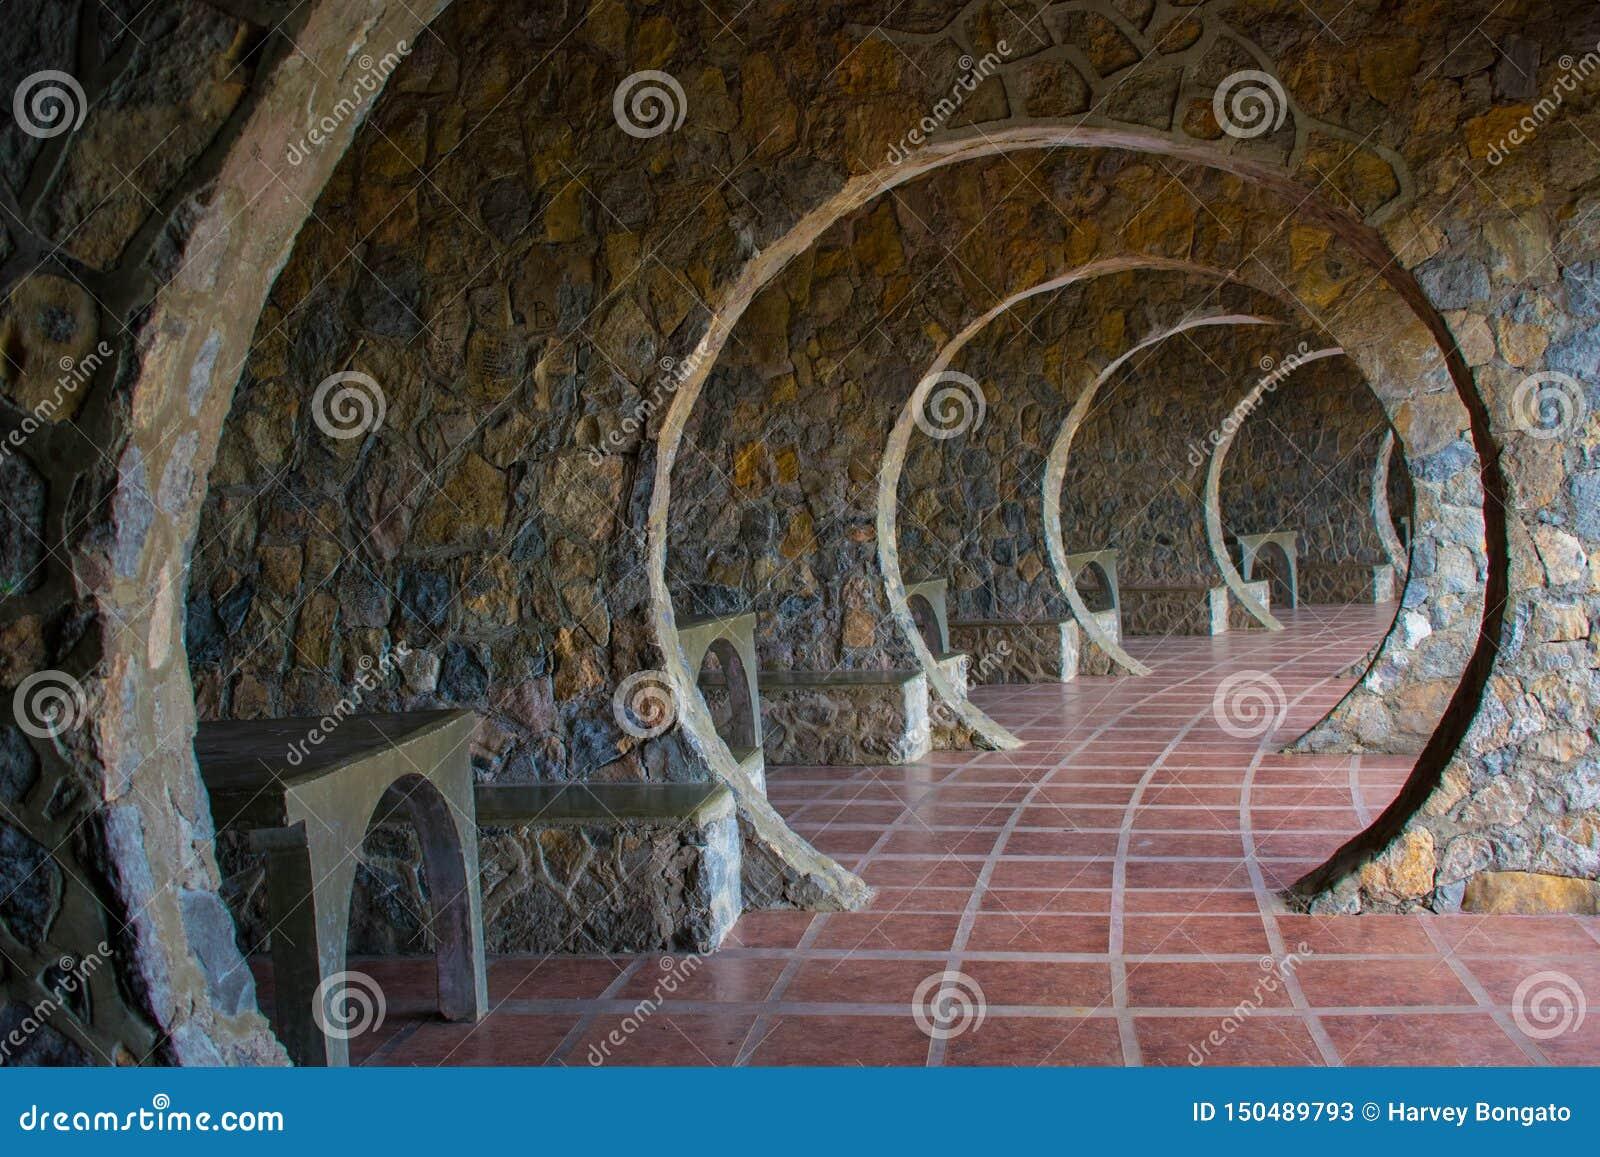 Vestíbulo de piedra infinito del arco en una cabaña de Outddor